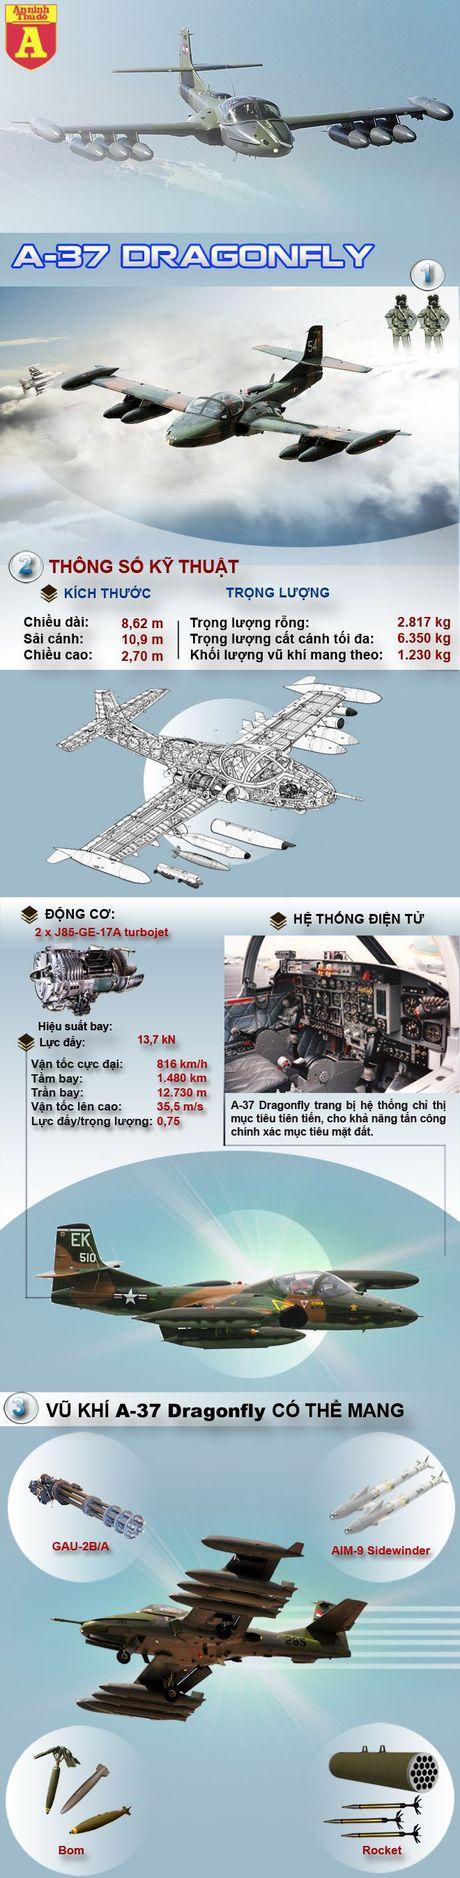 A-37 Dragonfly- Cuong kich uy luc mot thoi cua Khong quan Viet Nam - Anh 1